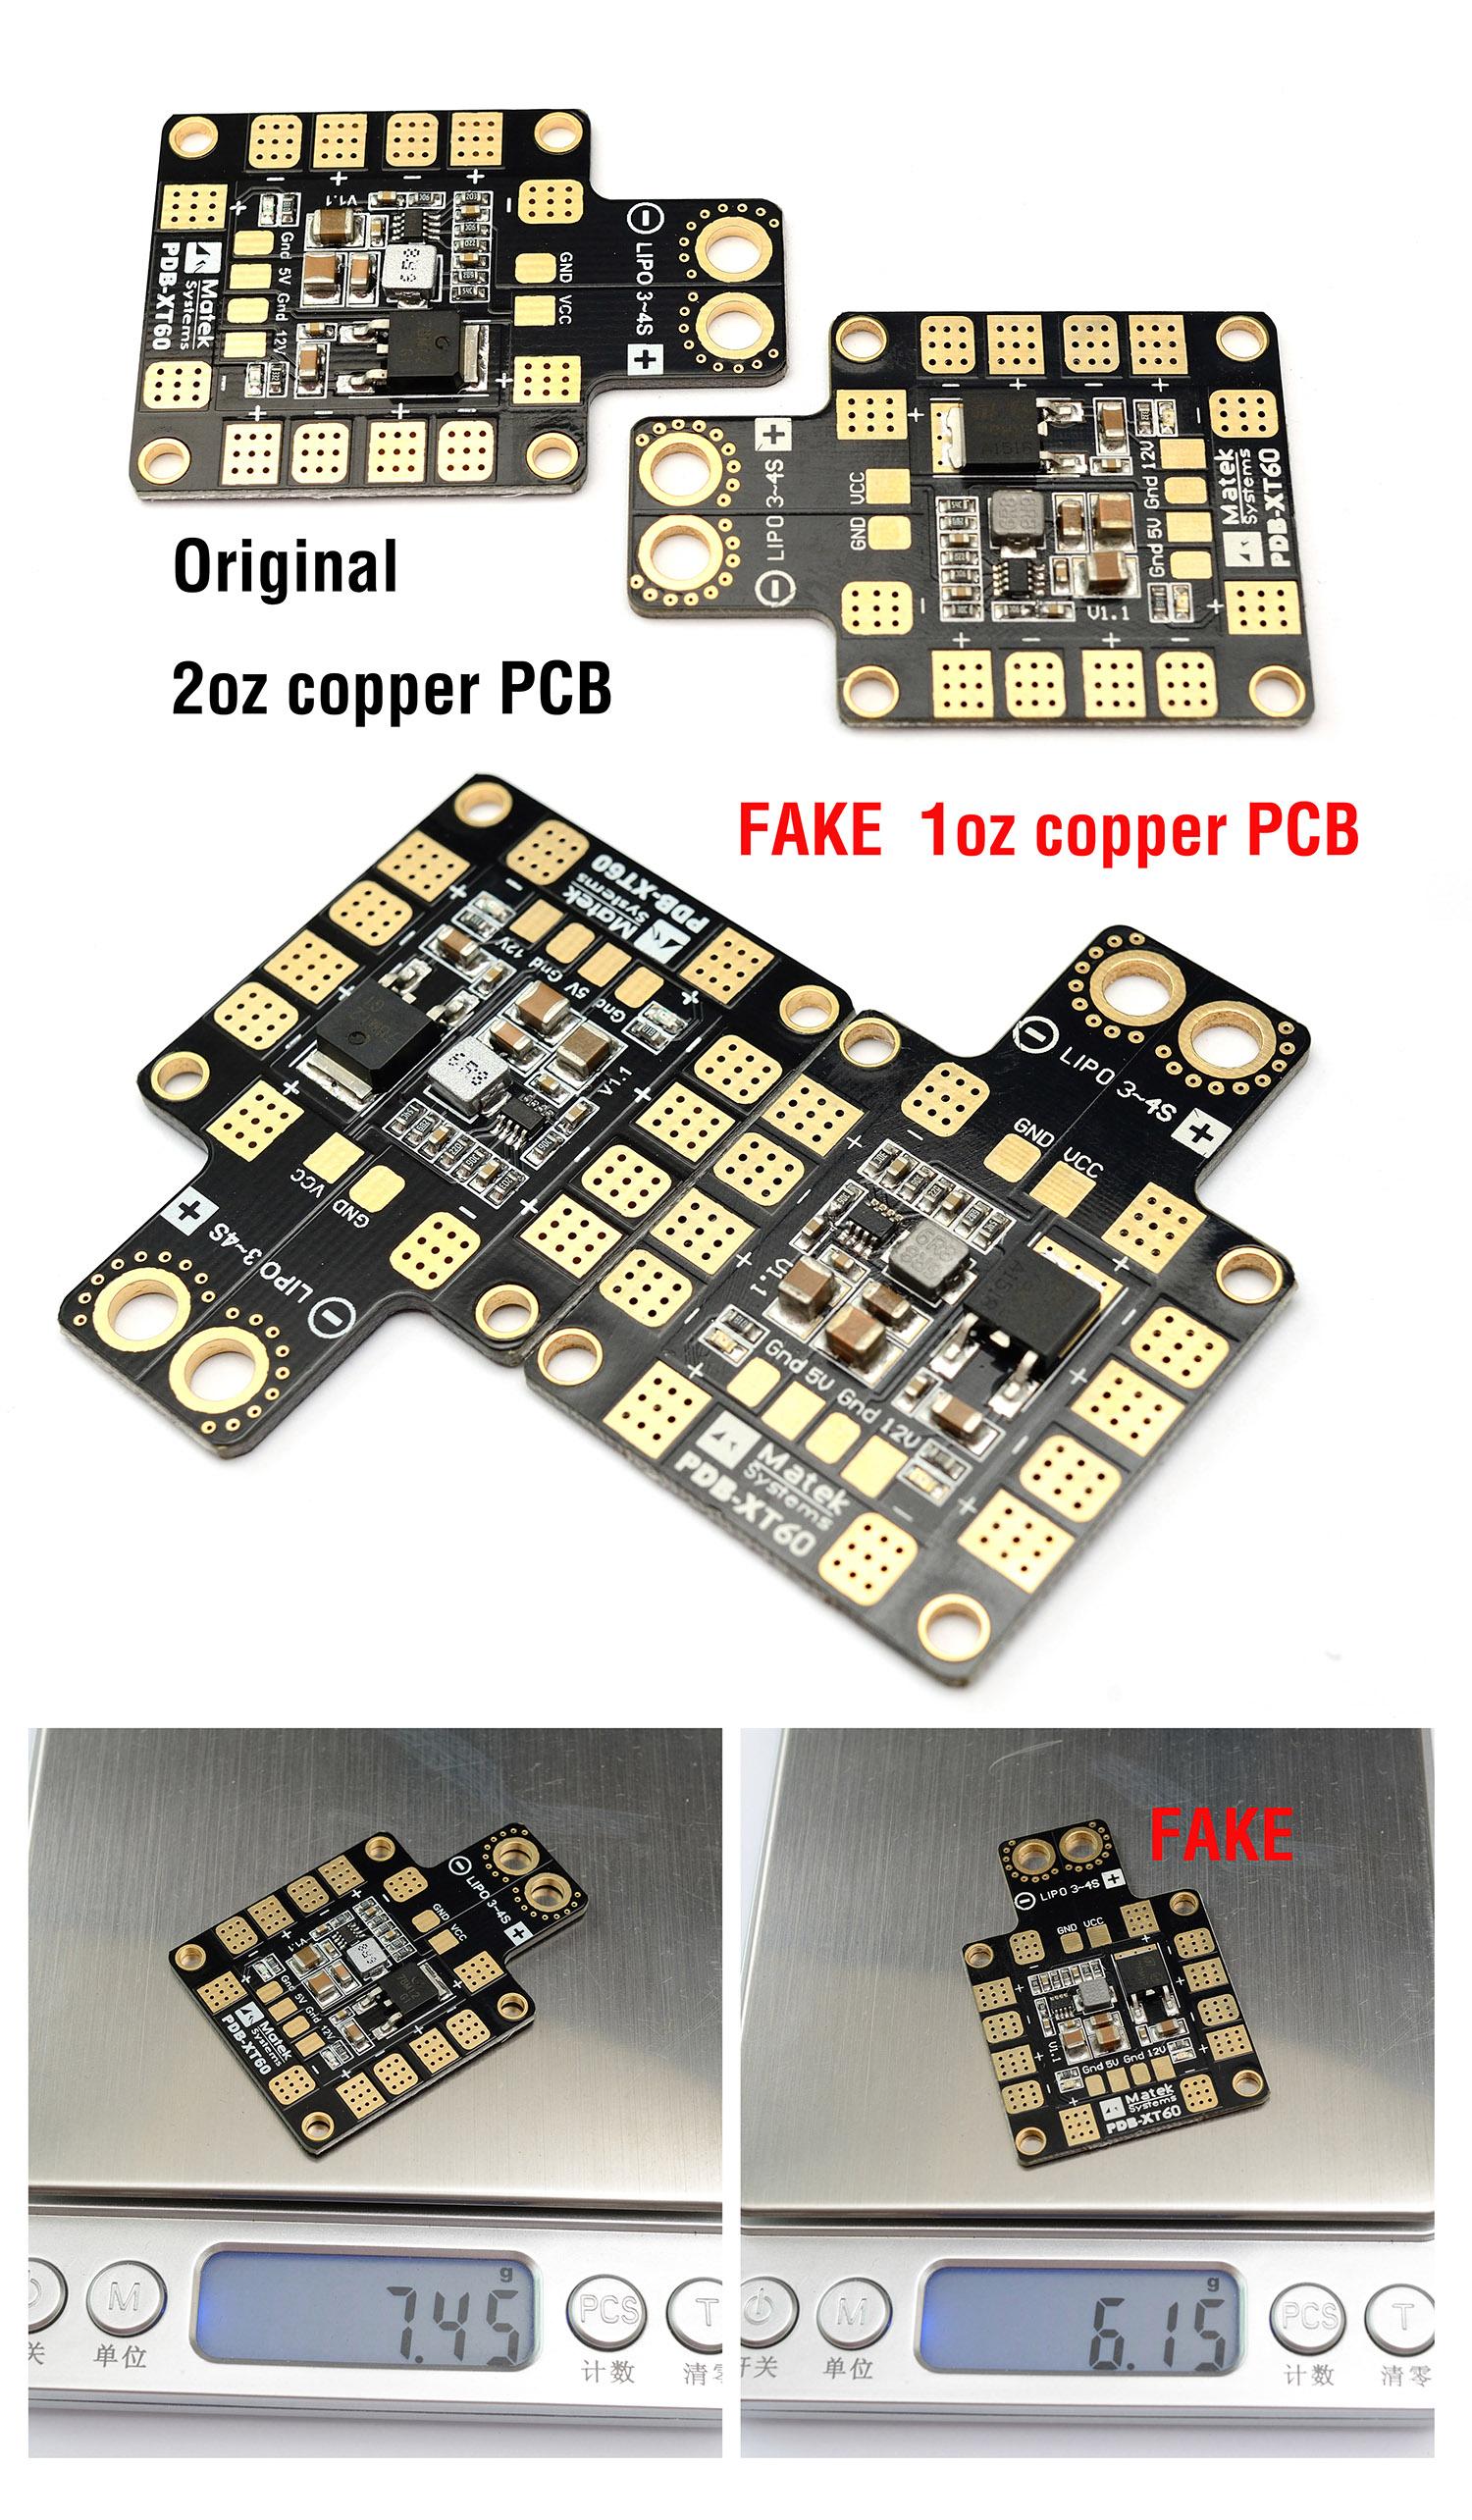 PDB-XT60_fake2